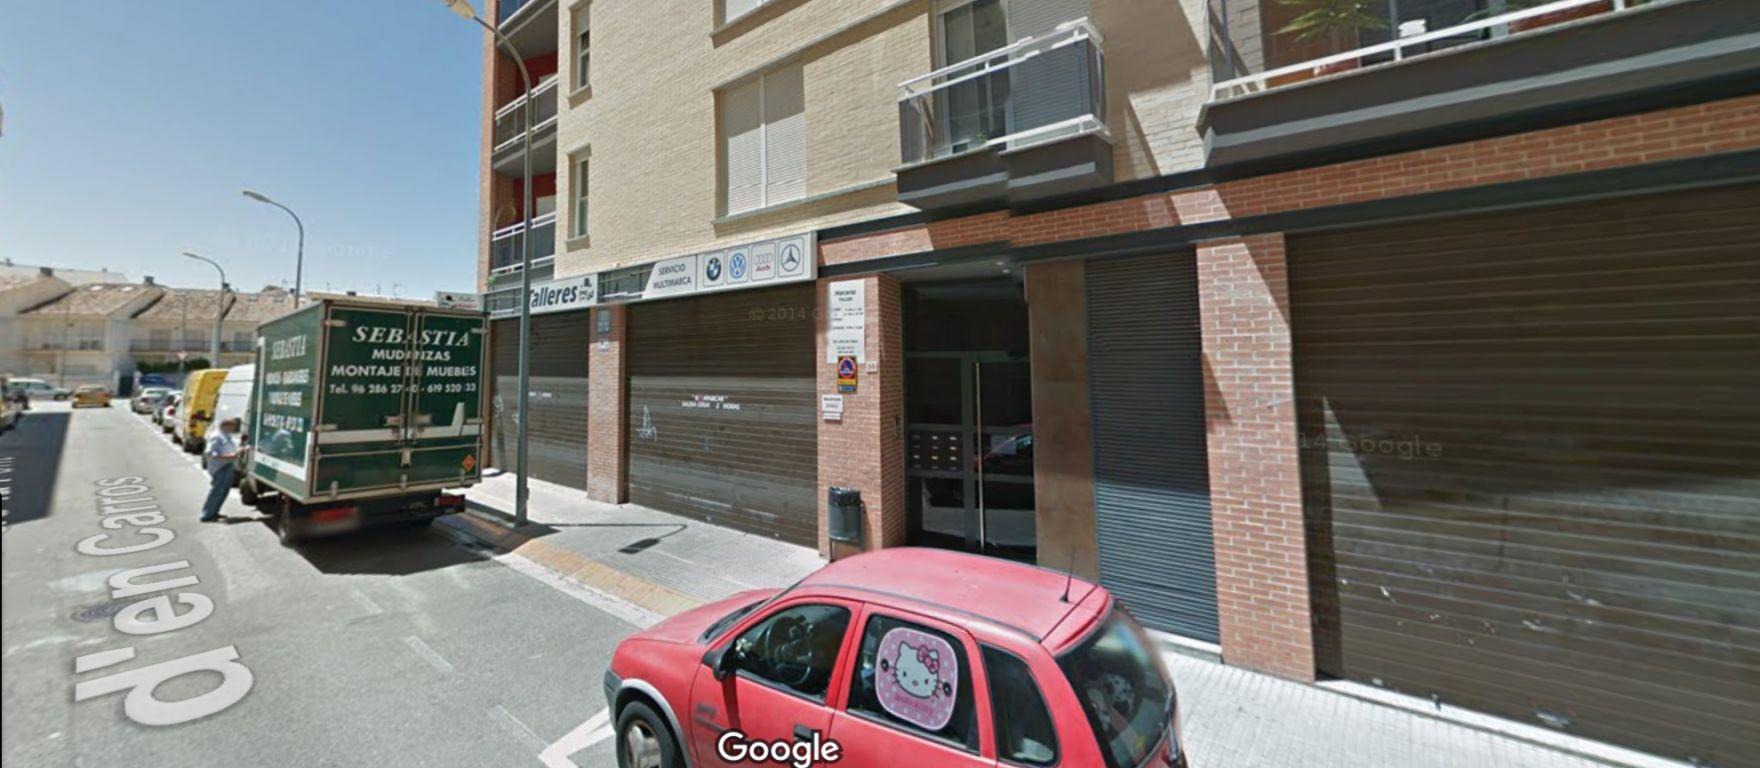 Local comercial en gandia zona benipexcart,   557 m2 - imagenInmueble0